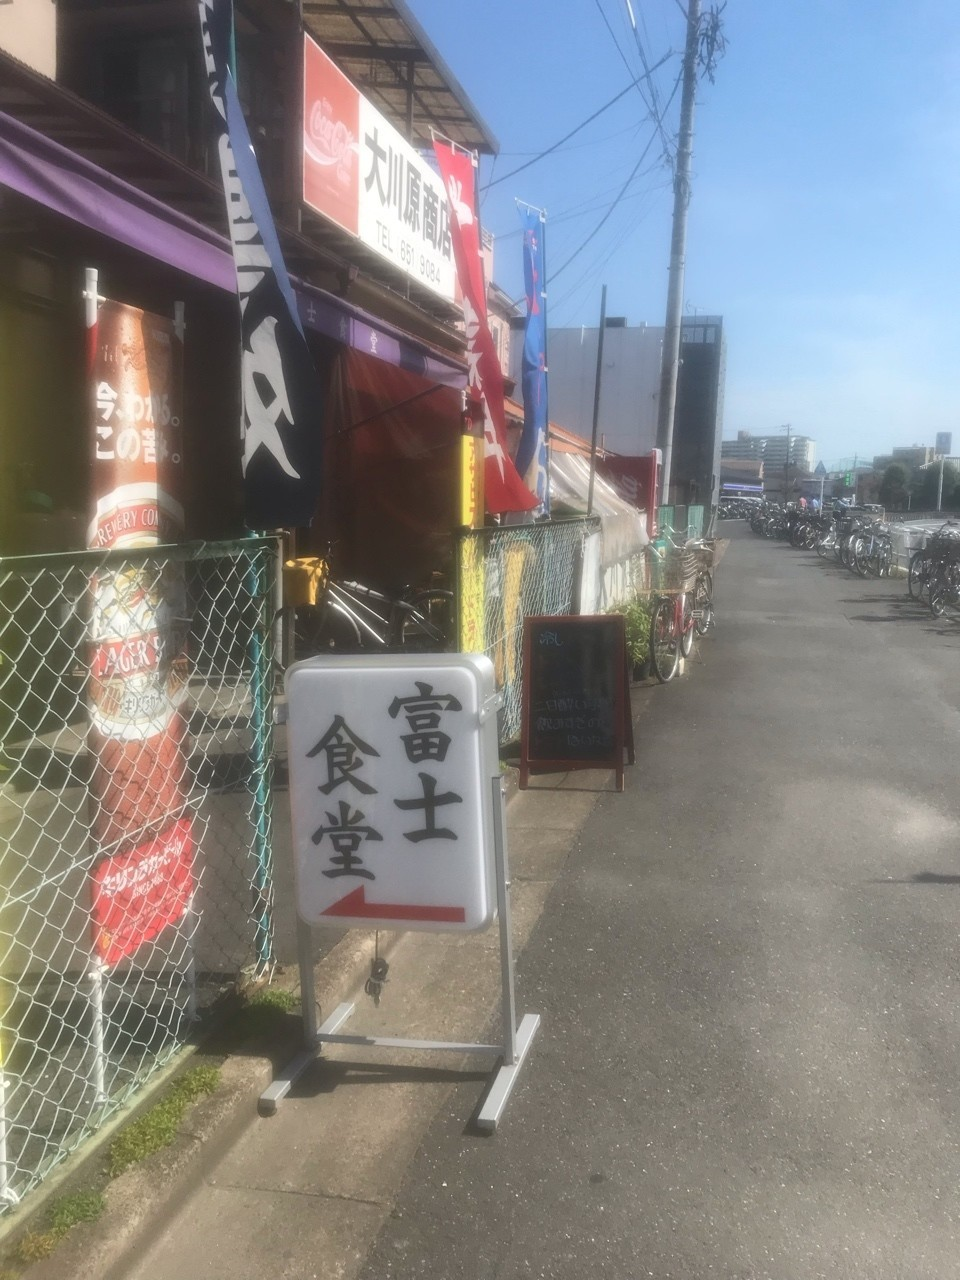 中継 江戸川 競艇 ライブ